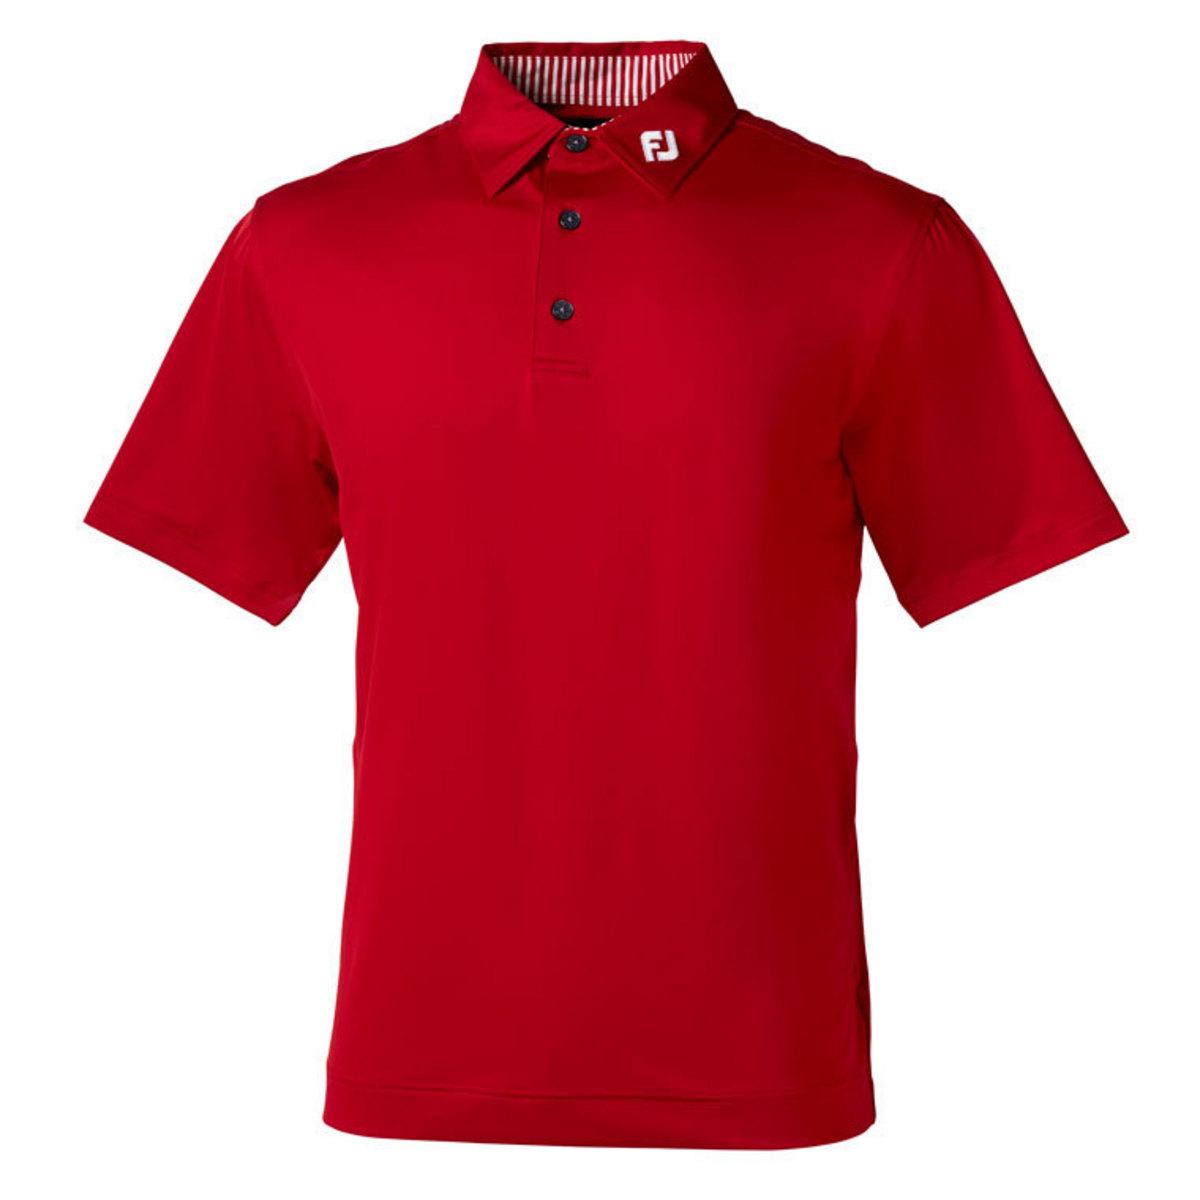 ソリッド半袖ポロシャツ